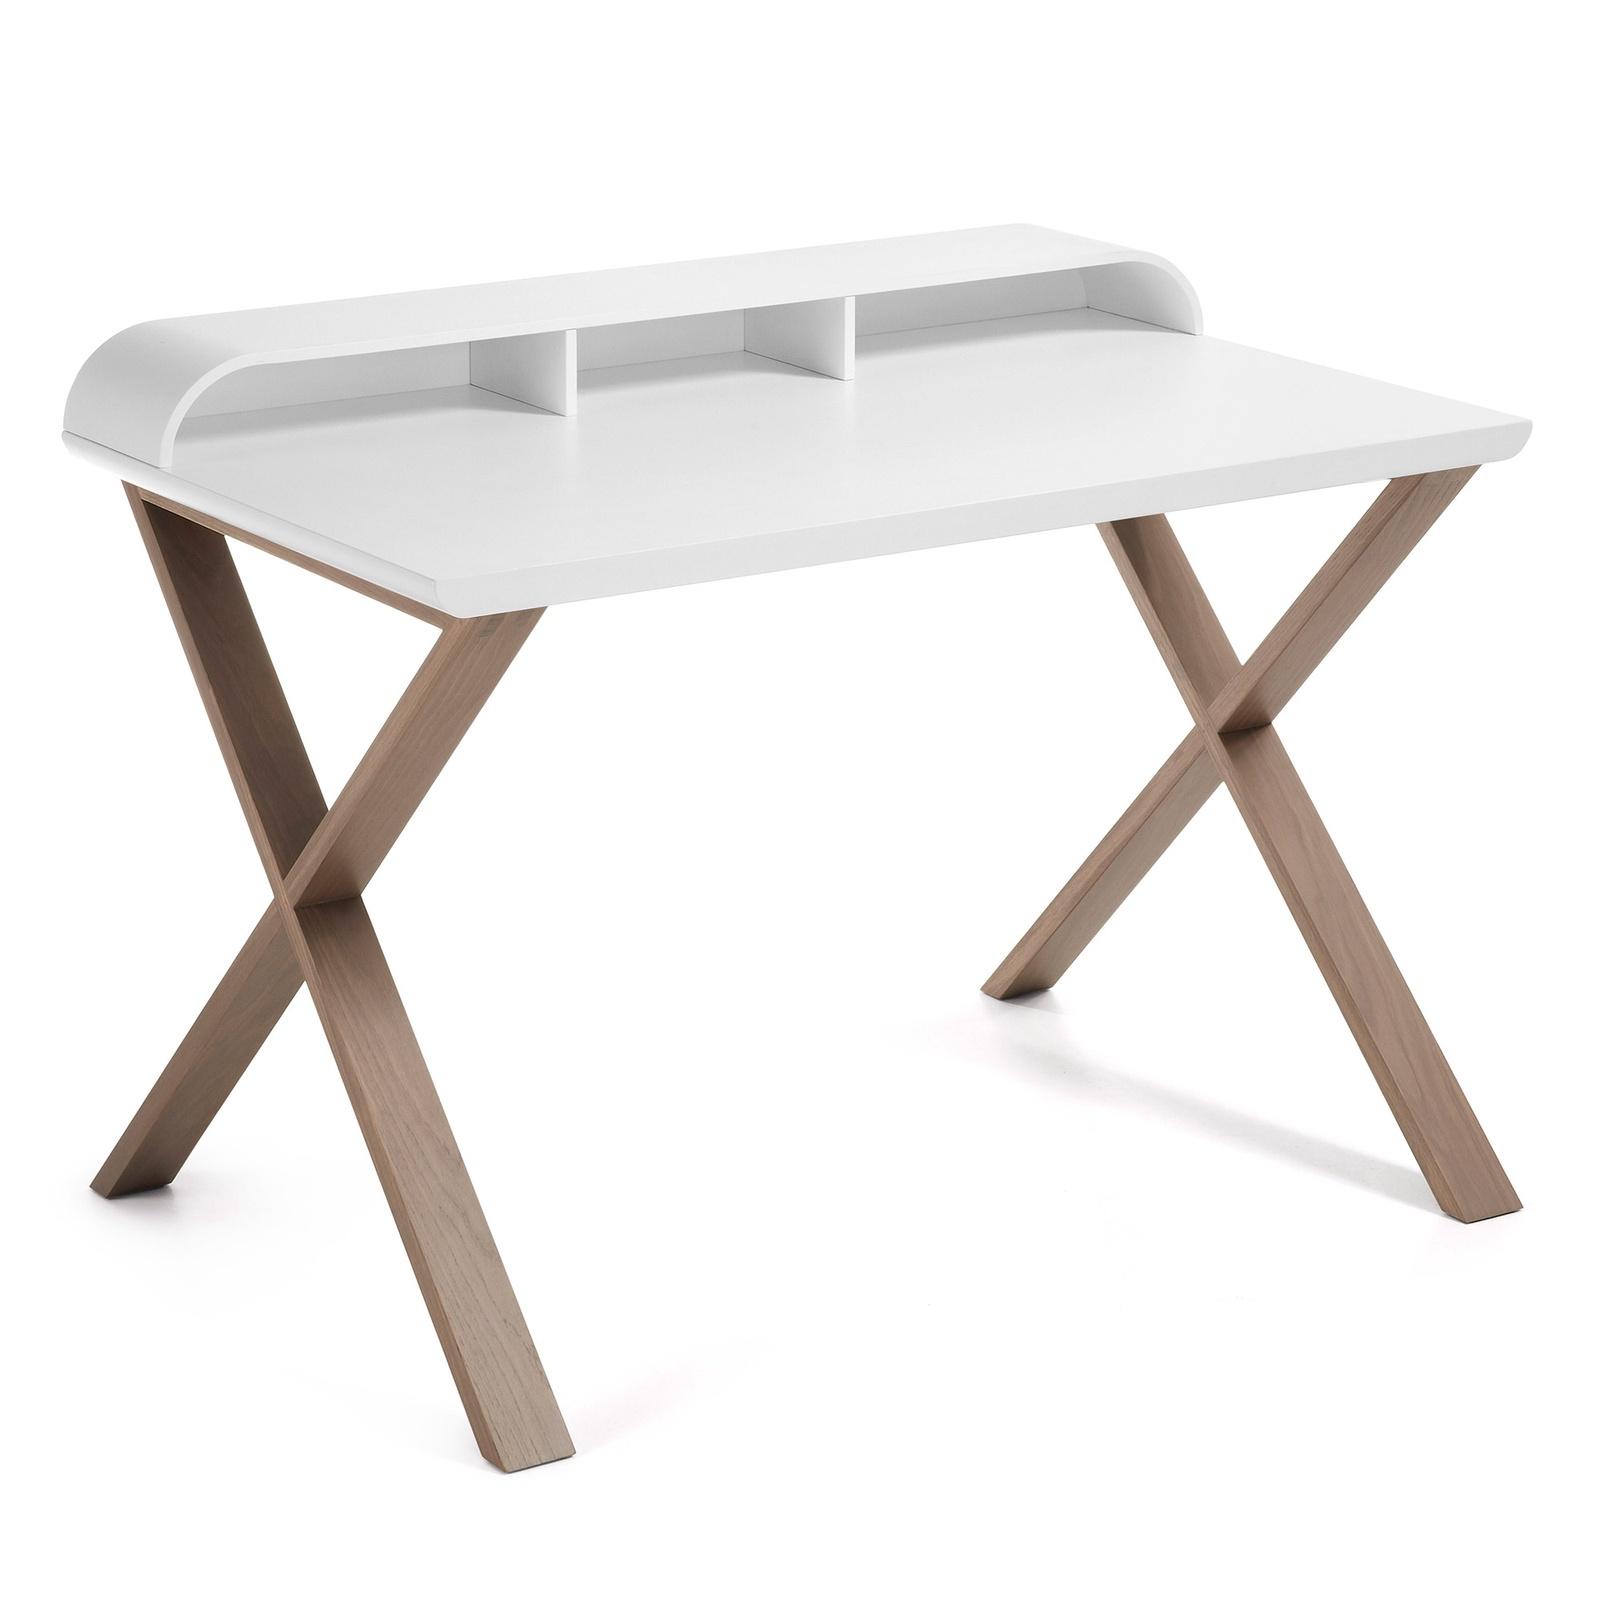 Письменный стол Success 120x79 матовый белый C320L05 Ш.120 В.85 Г.79 Вес 28.7кг; Материал Дуб, Массив; Цвет Белый